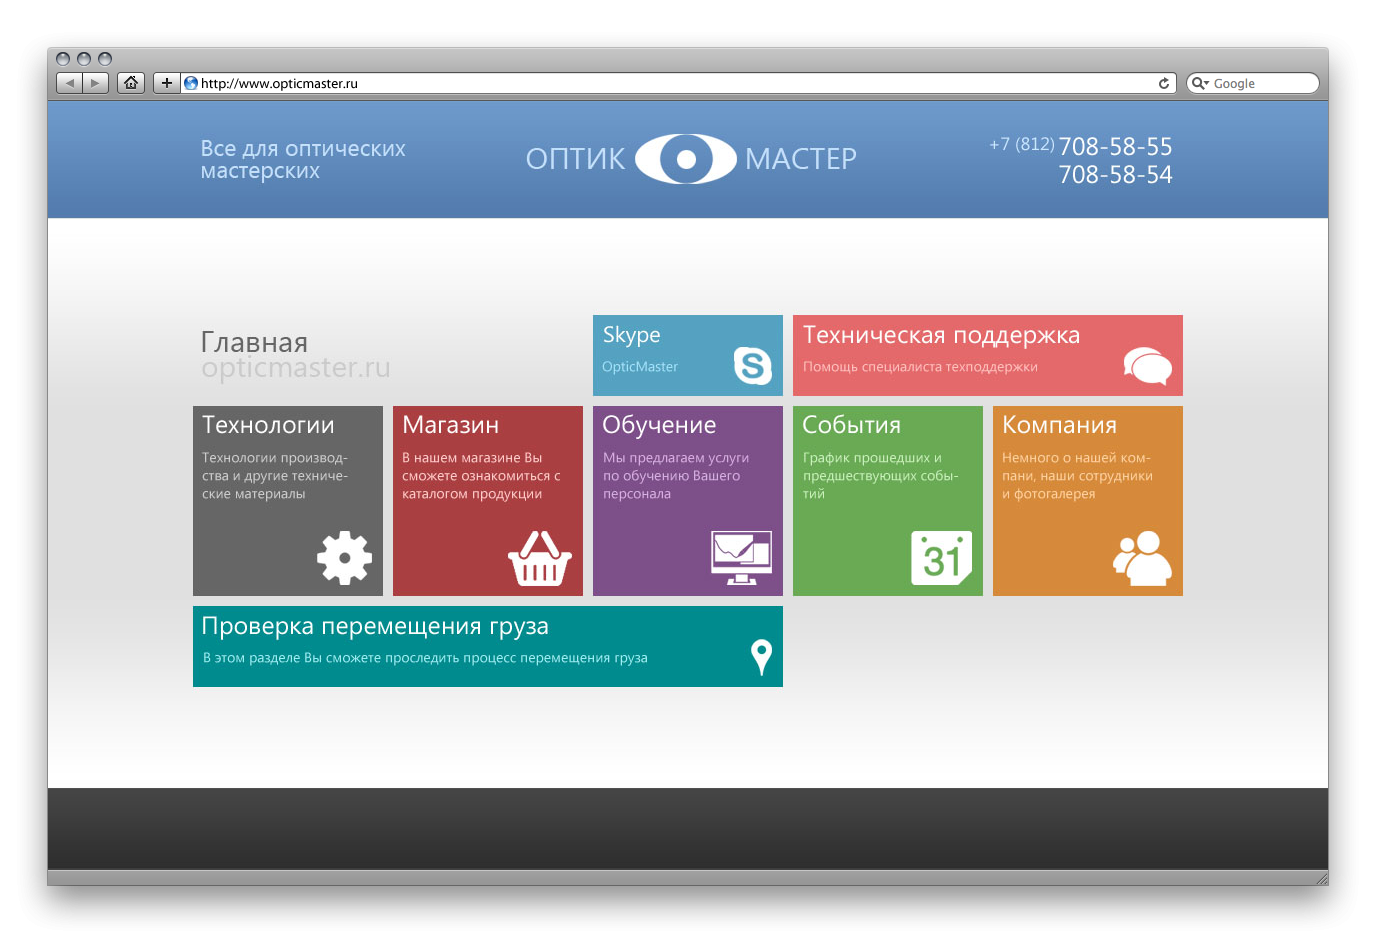 «Оптик Мастер». Разработка сложно структурного интернет-магазина.